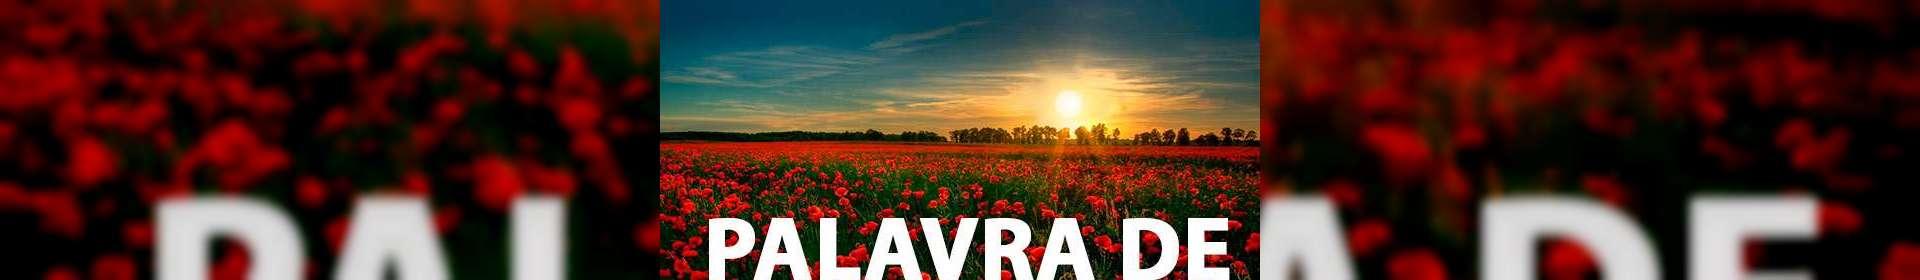 Êxodo 15:23 - Uma Palavra de Esperança para sua vida